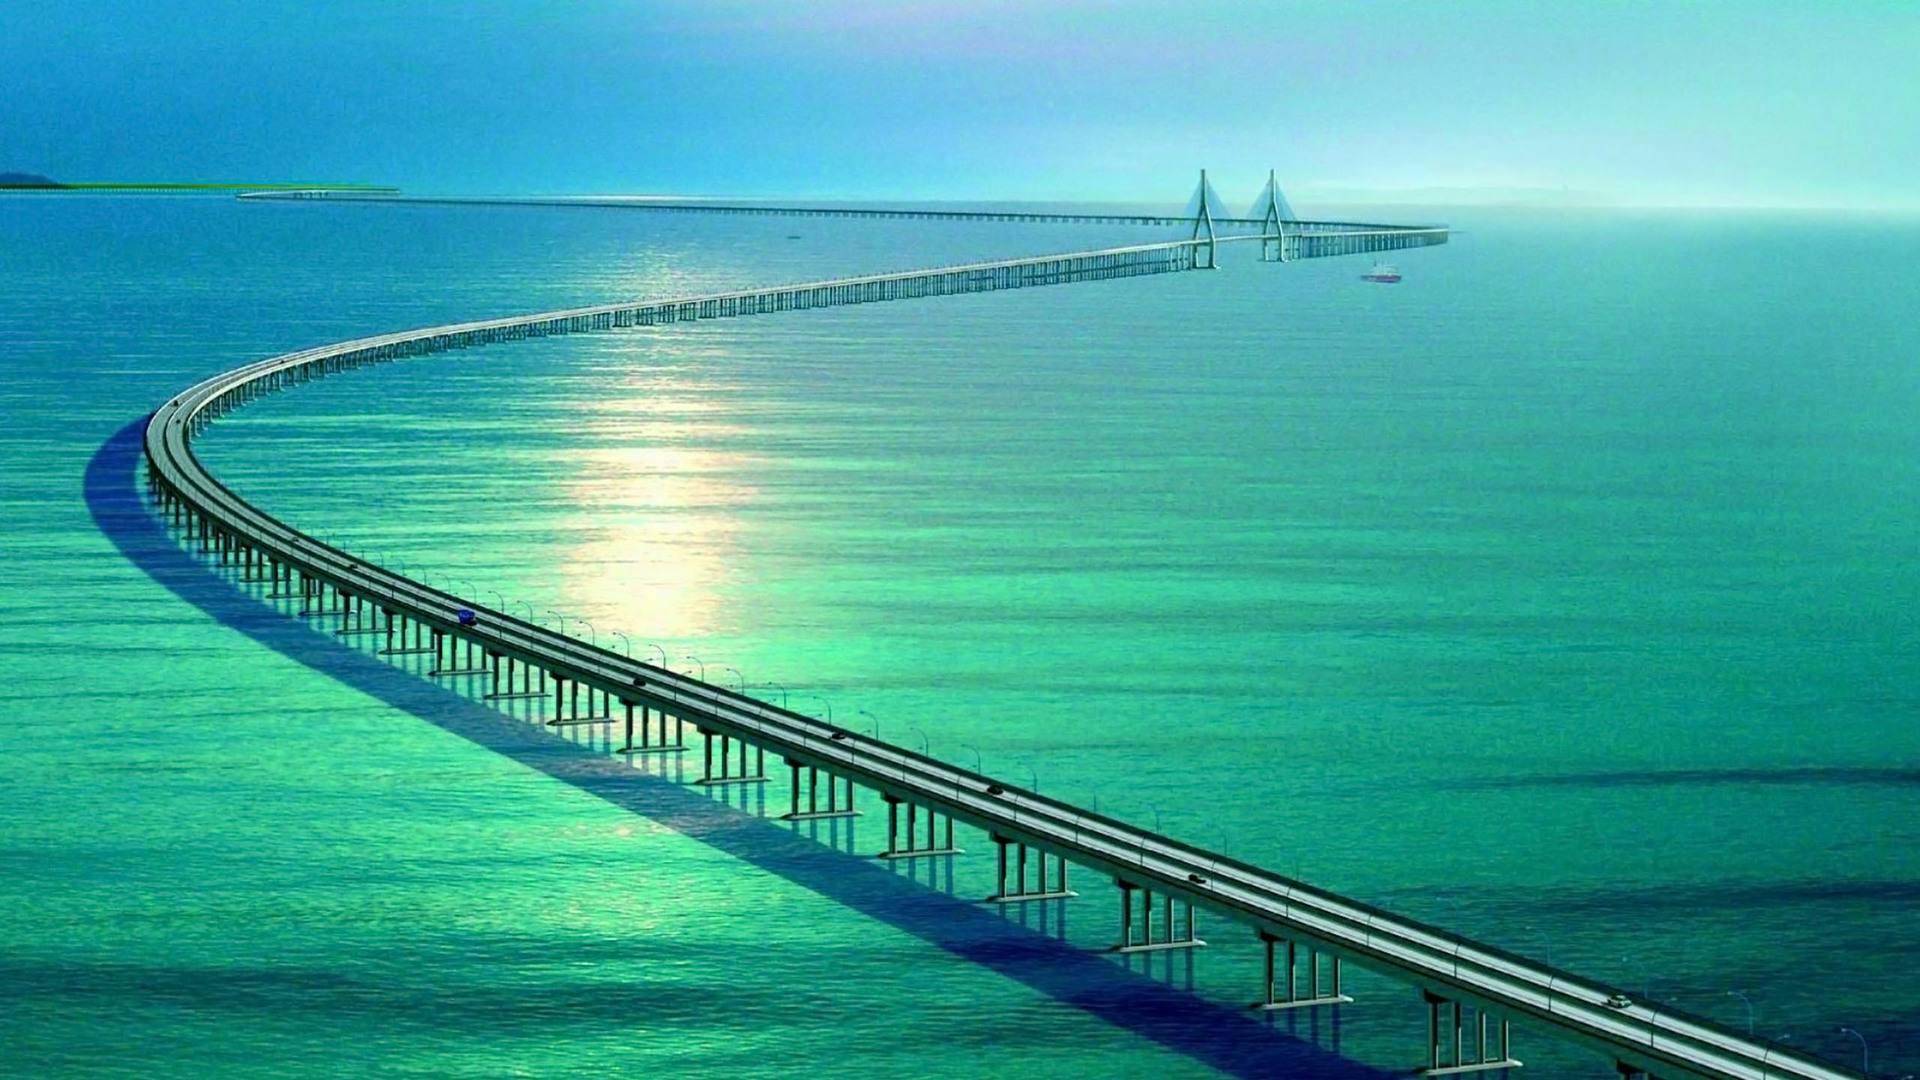 广东将迎一座大桥,耗资13亿预计2年内建成,获8项全国之最